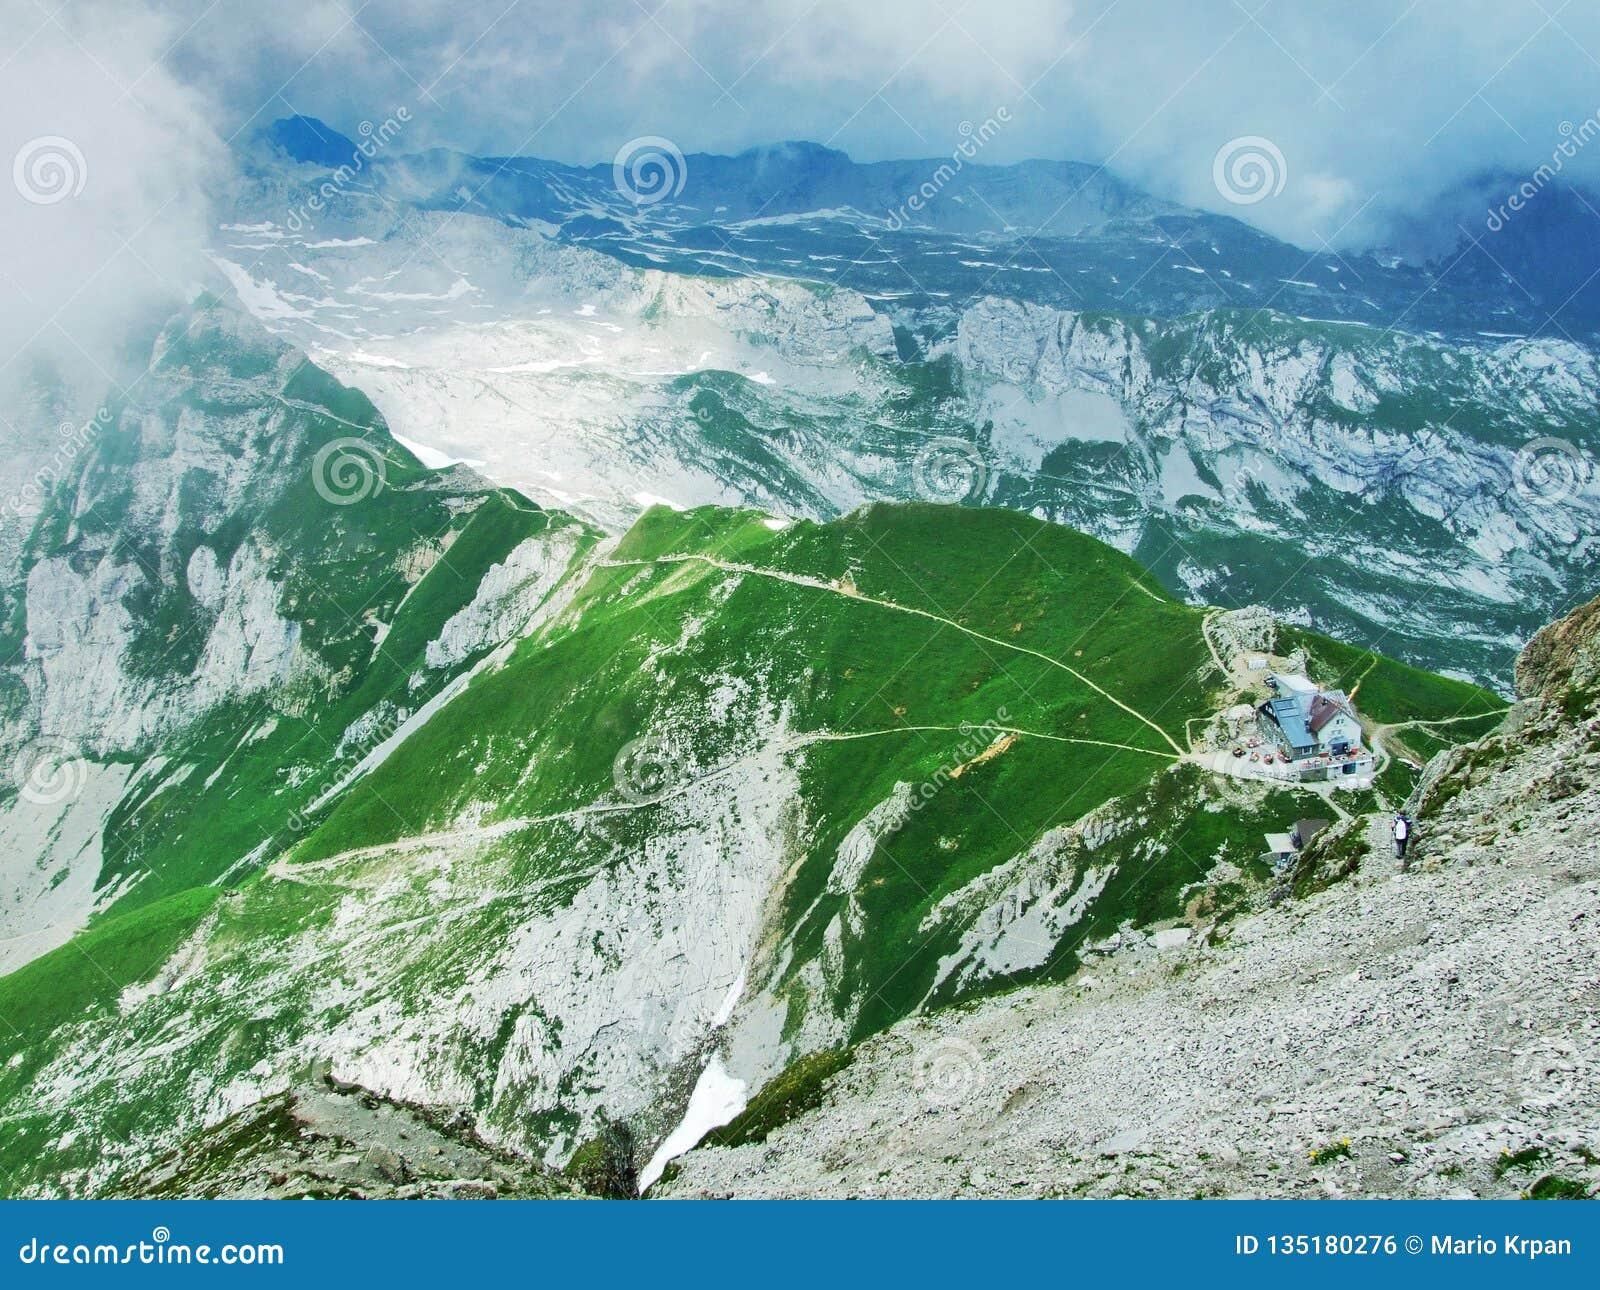 Mountain Hut Or SAC-Hutte Zwinglipass Or Zwinglipass Hutte, Sektion ...